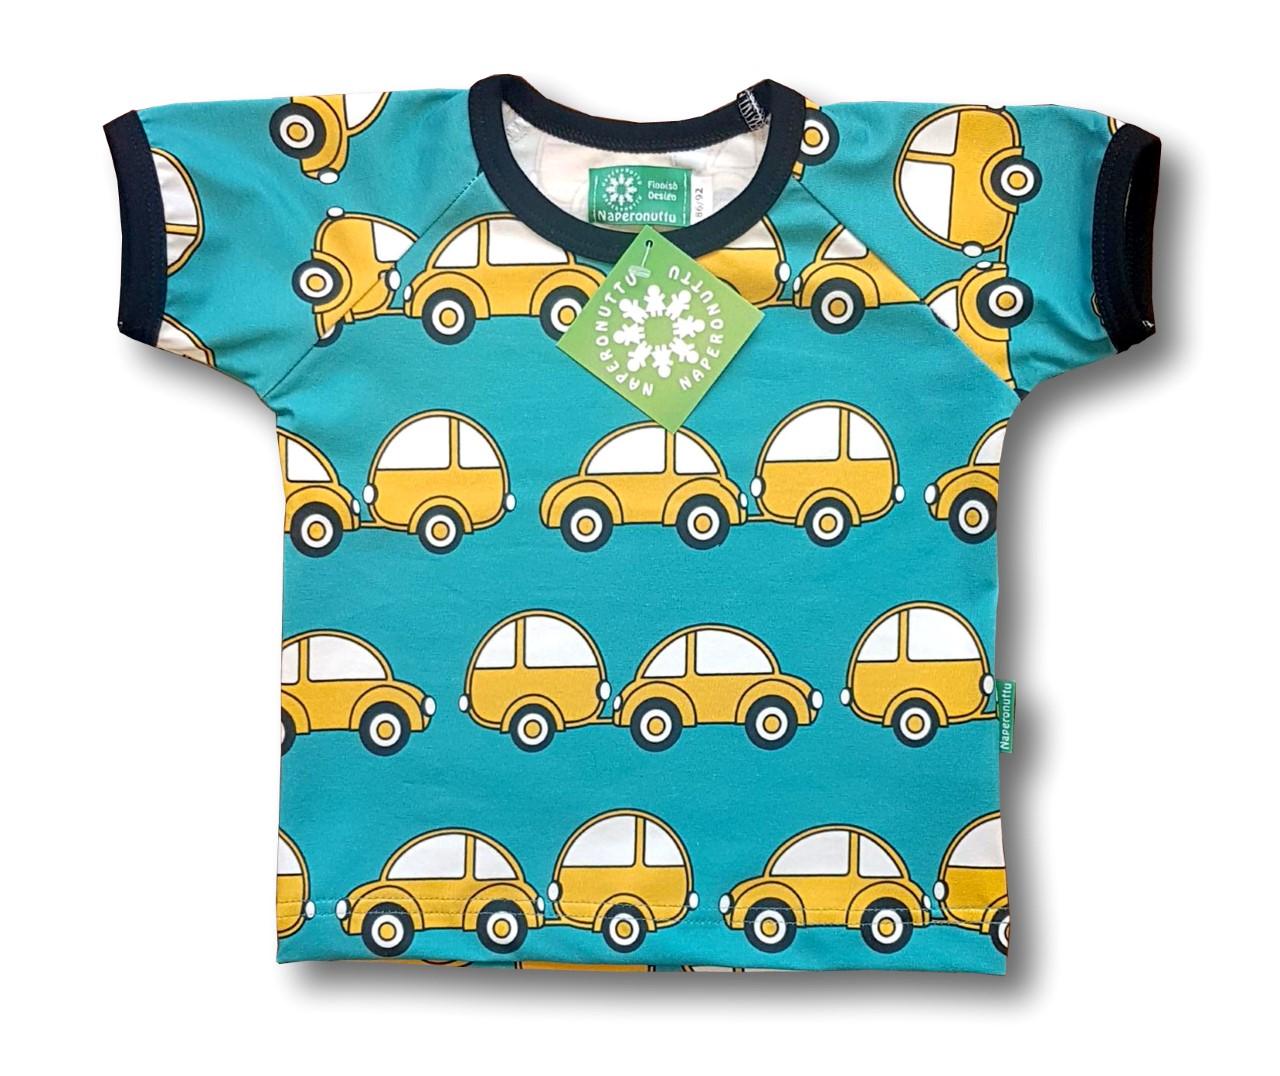 Naperonuttu t-shirt Caravan